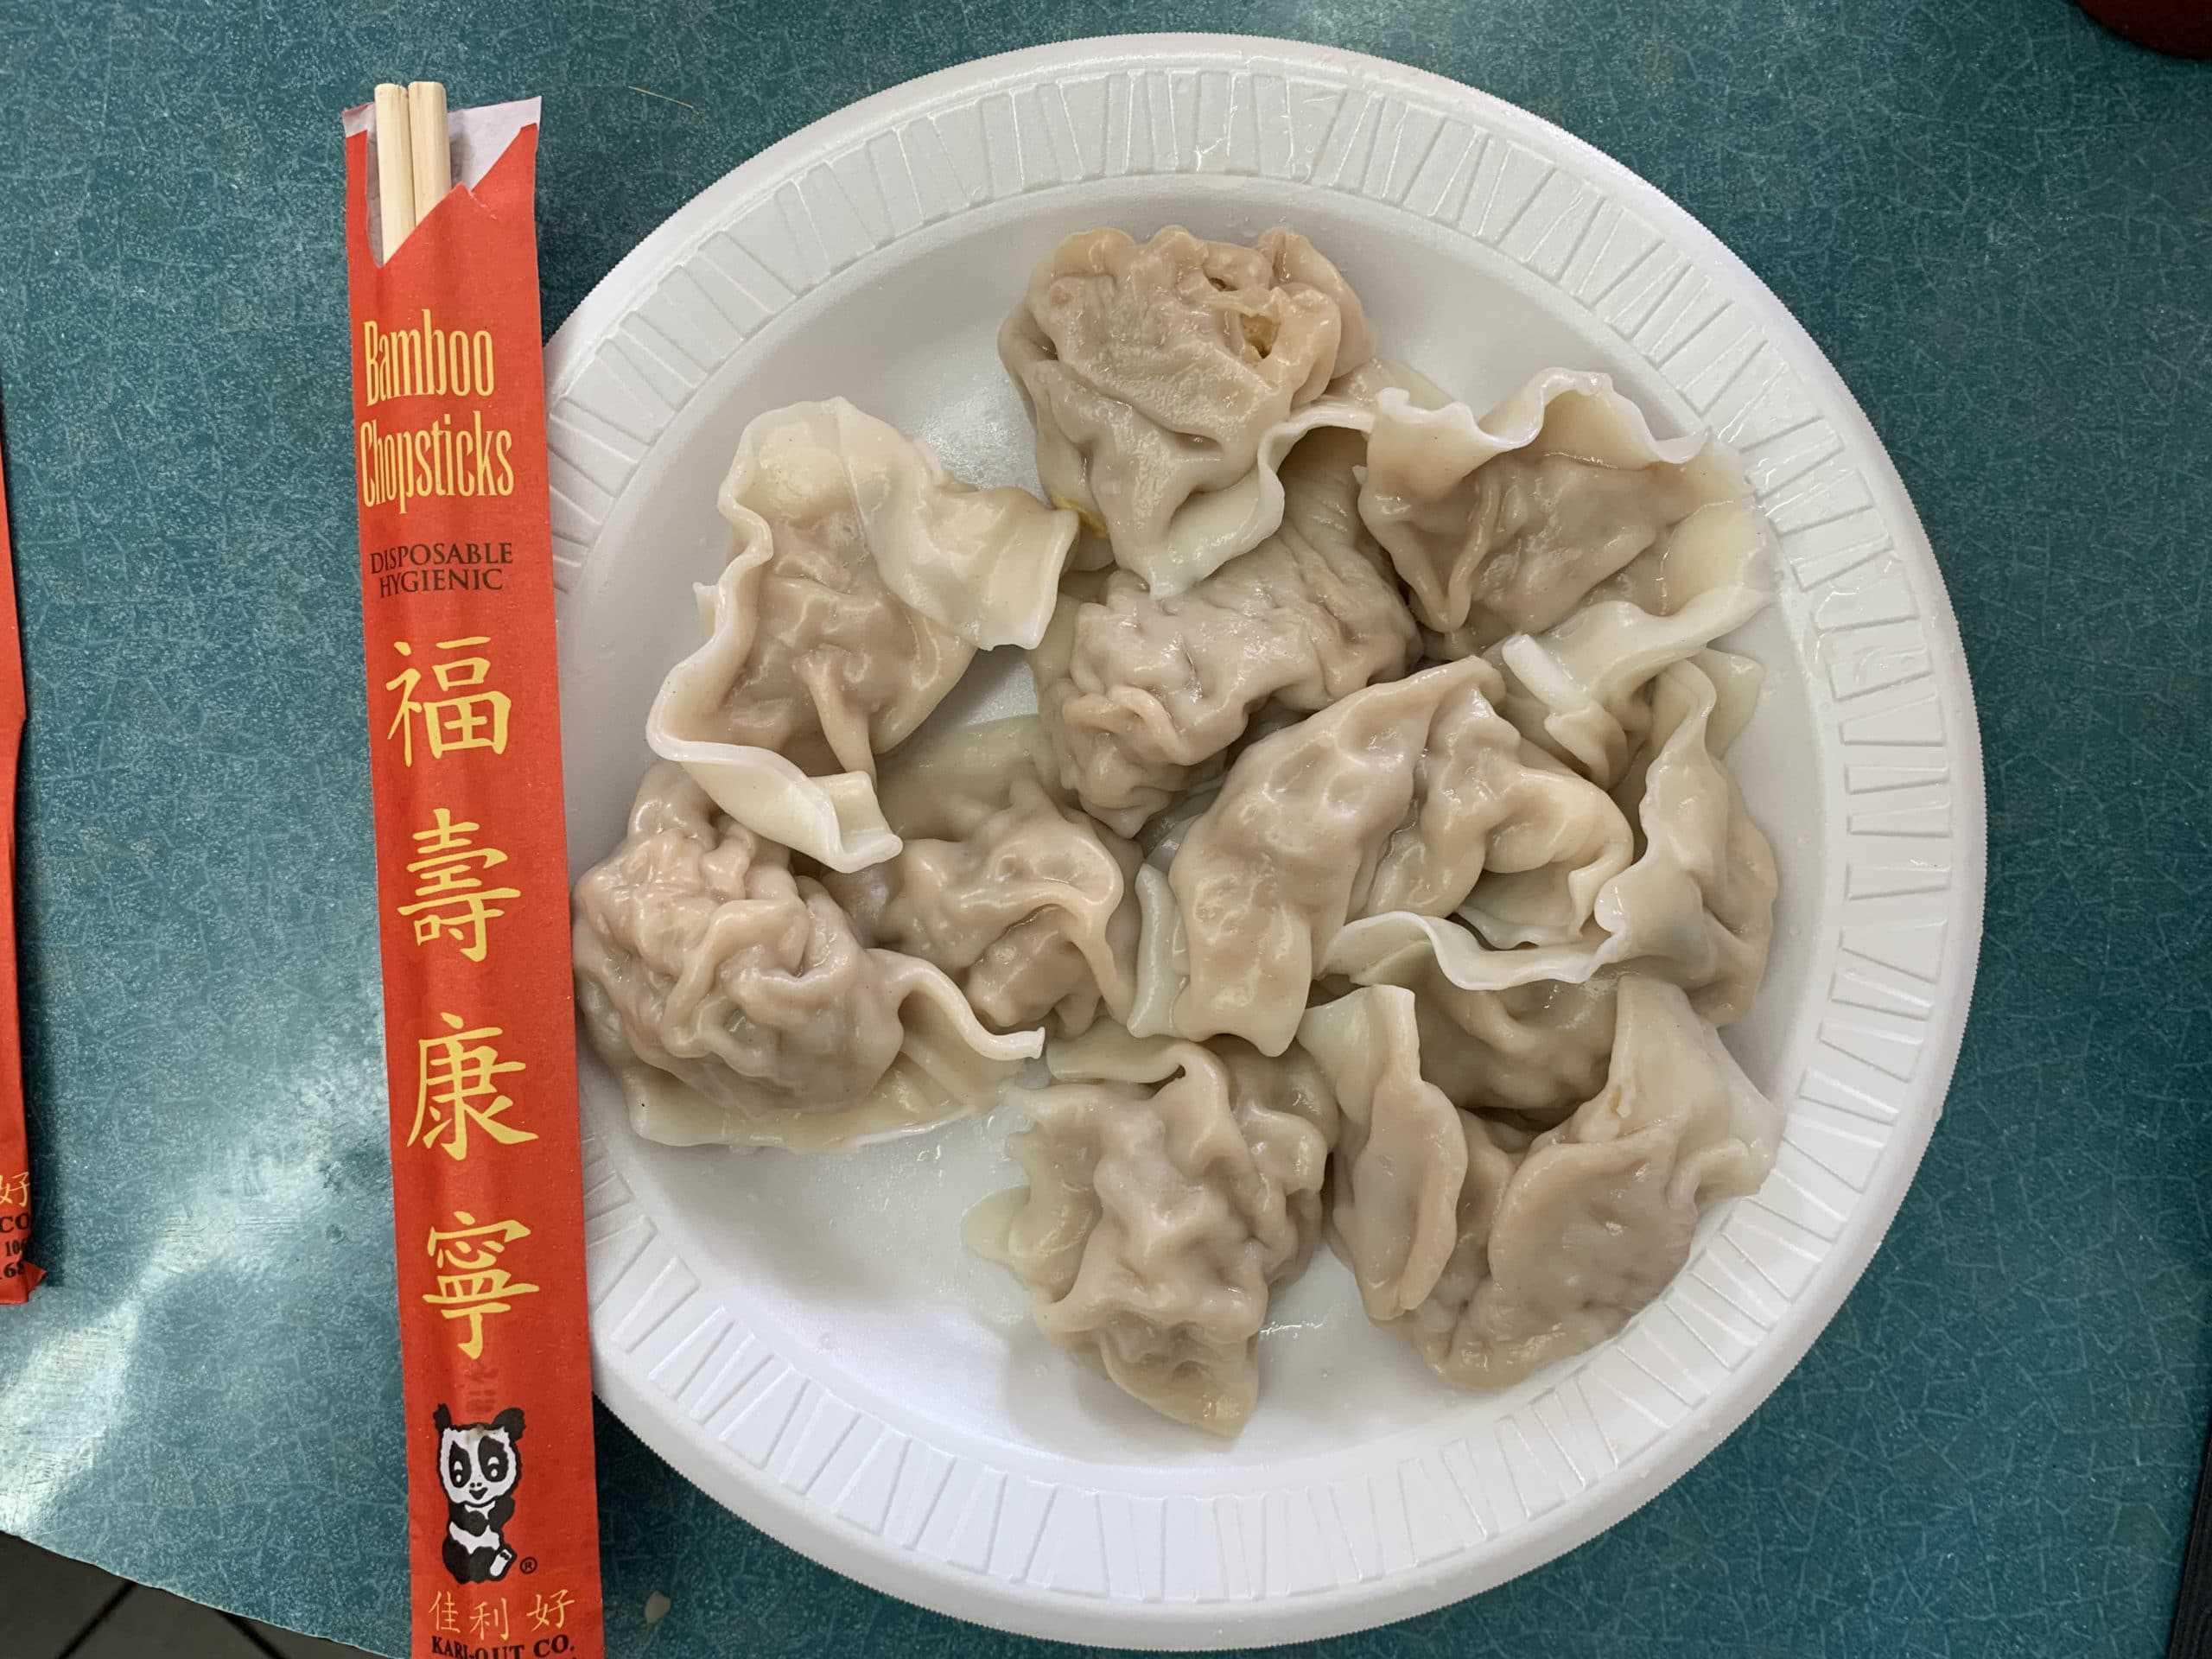 White styrofoam plate, chopsticks on left, and 10 dumplings on plate